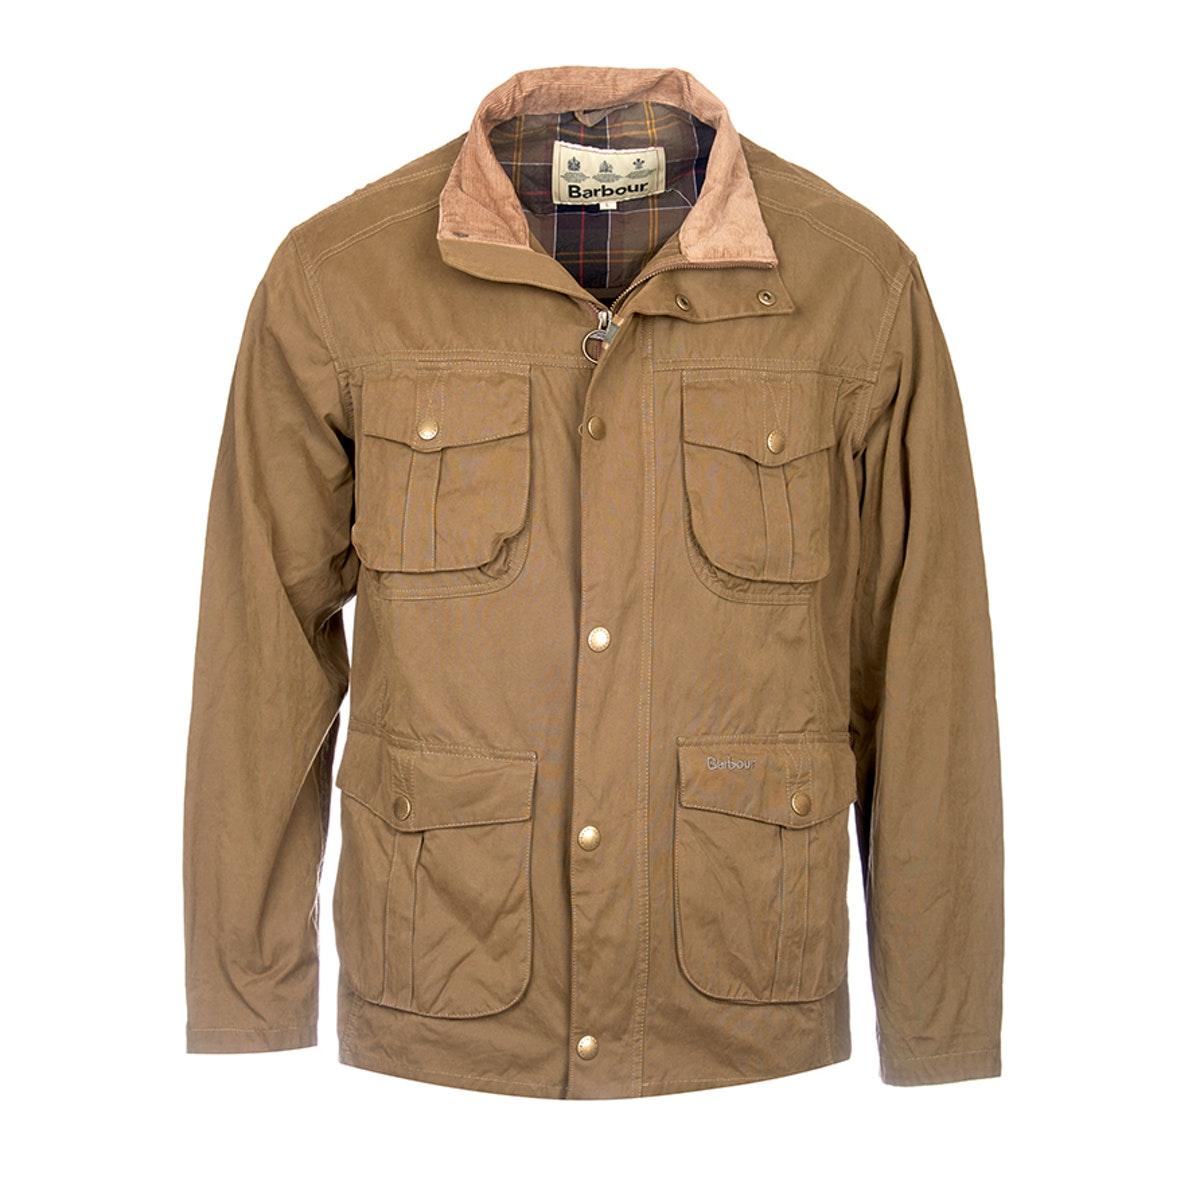 barbour-sanderling-jacket